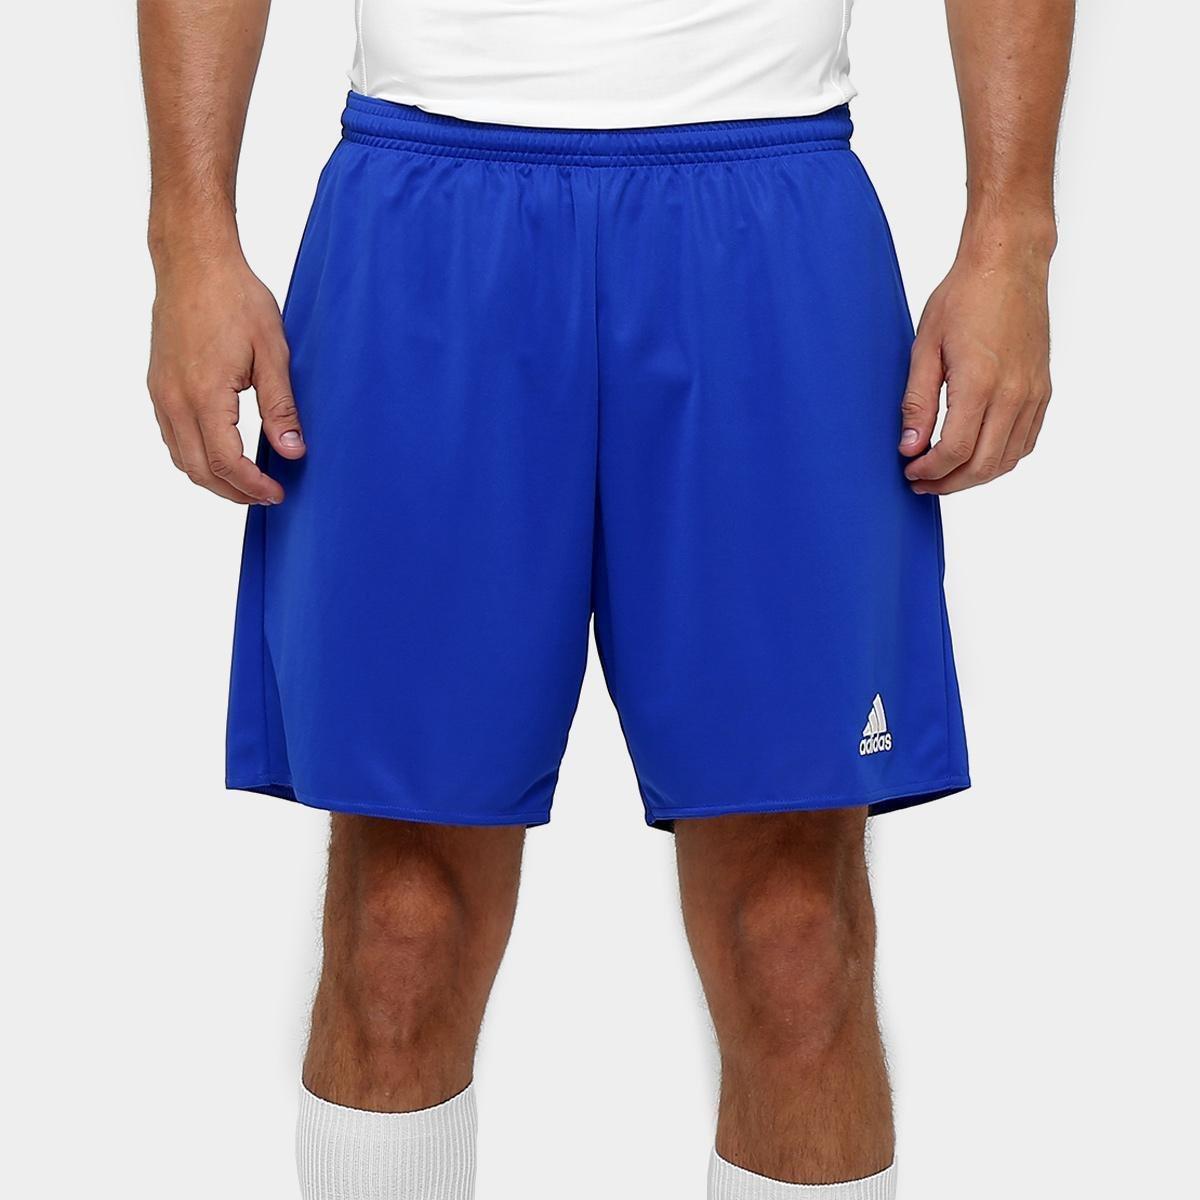 Calção Adidas Parma Masculino - Azul e Branco - Compre Agora  0975c80bbcd75